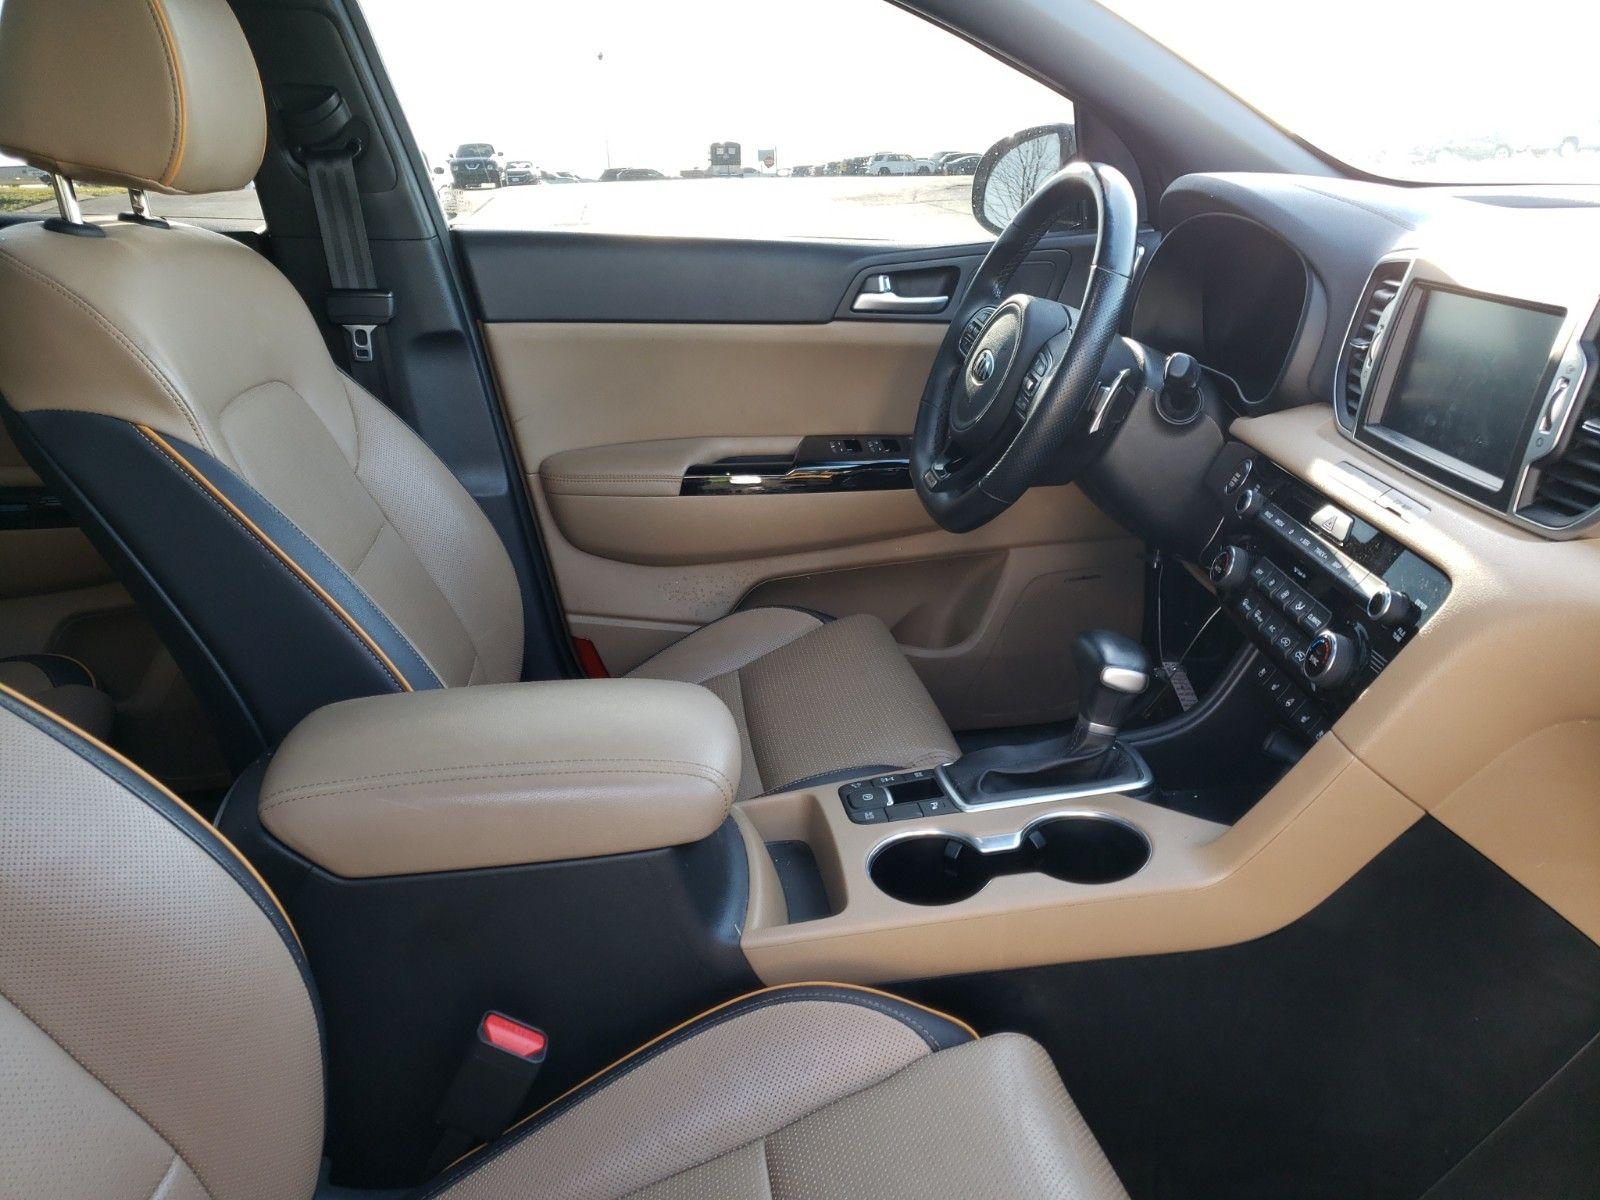 2019 KIA SPORTAGE AWD 4C SX TURBO - 8